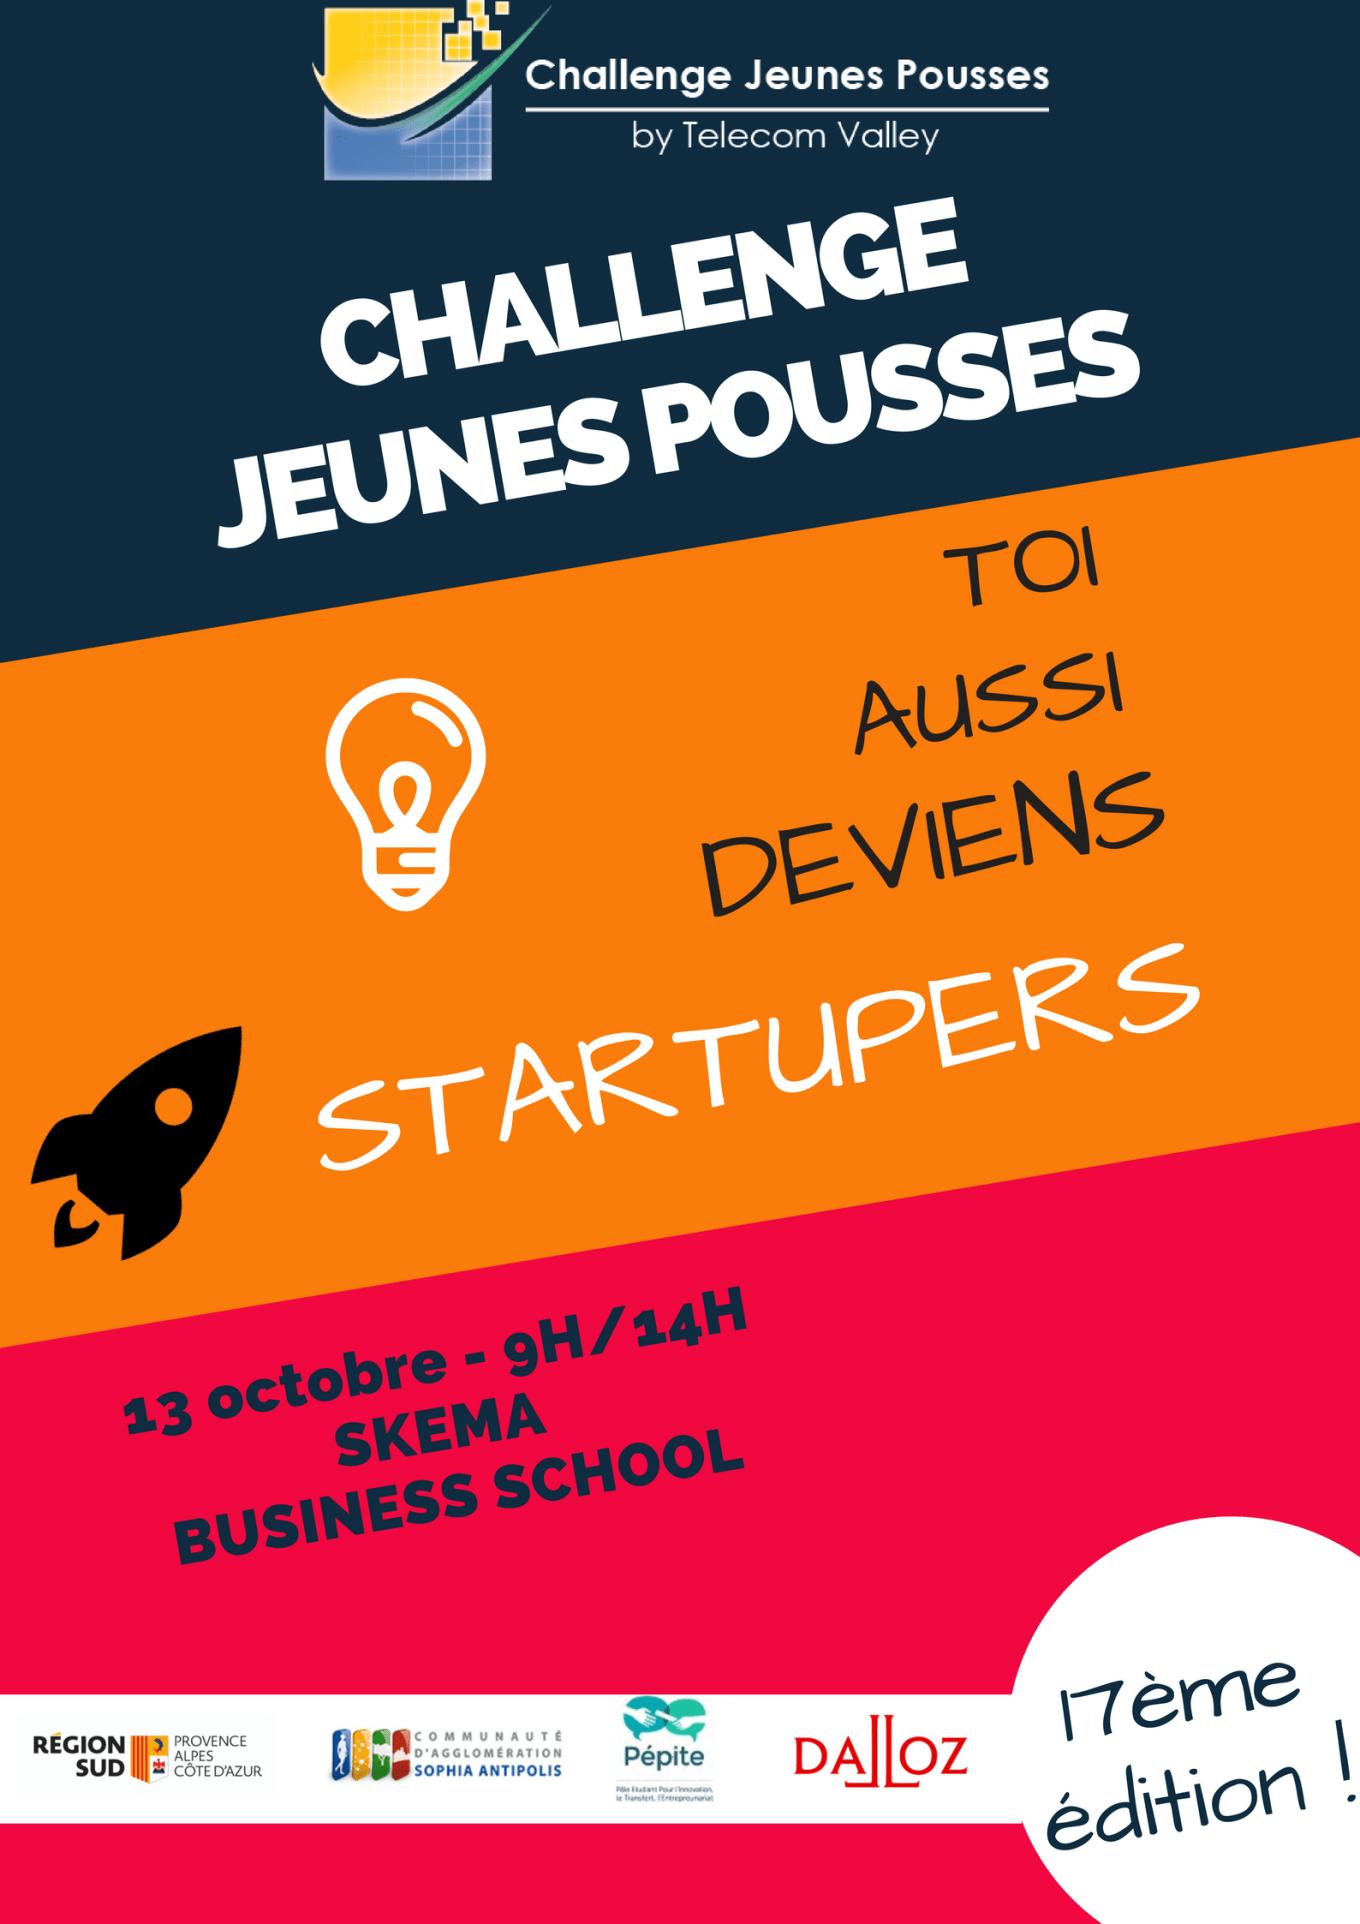 Challenge Jeunes Pousses 2018-telecom valley